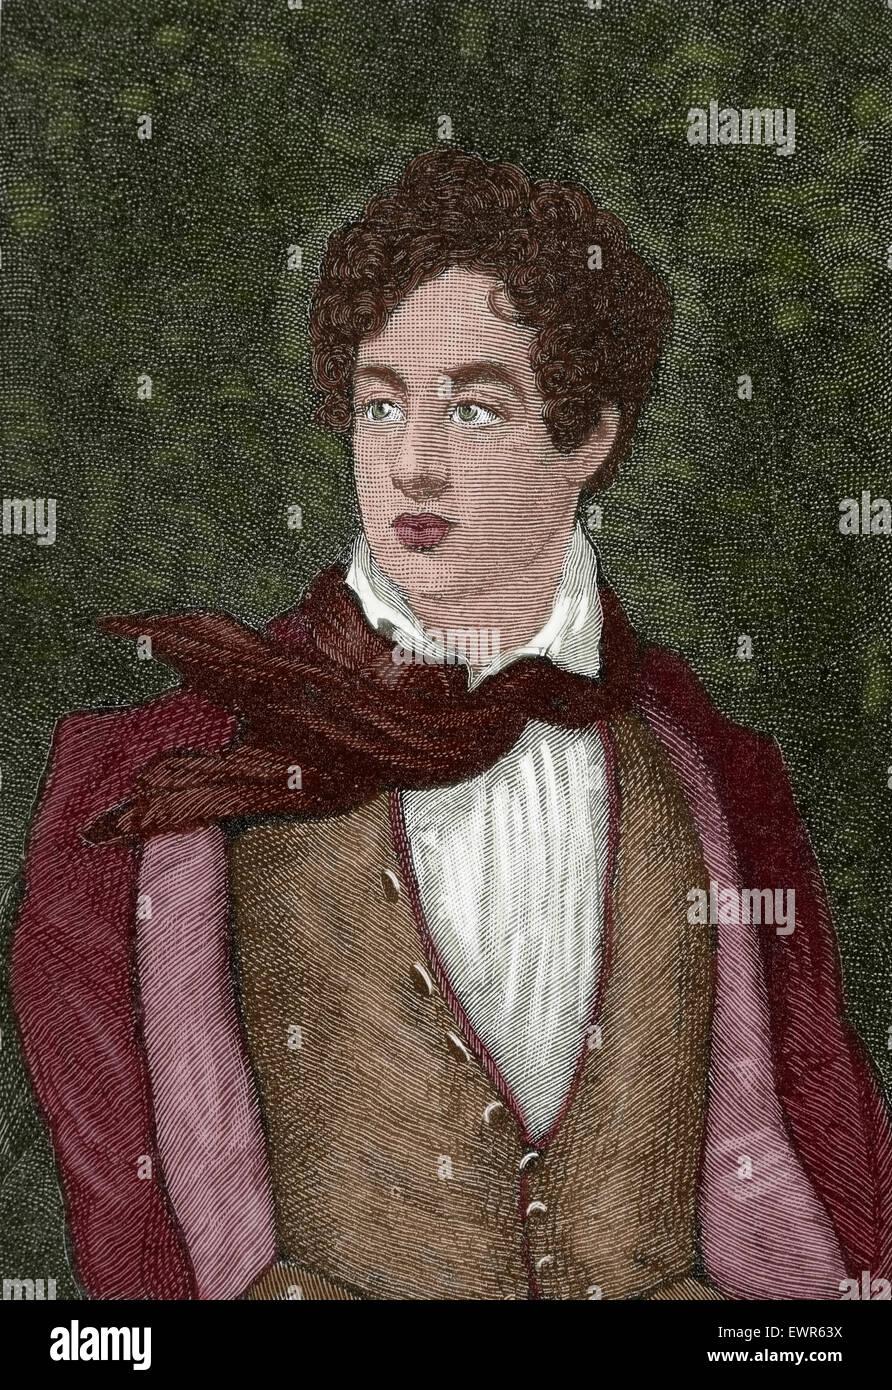 Lord Byron (1788-1824). Englischer Dichter. Romantischen Bewegung. Gravur. Farbige. Stockbild